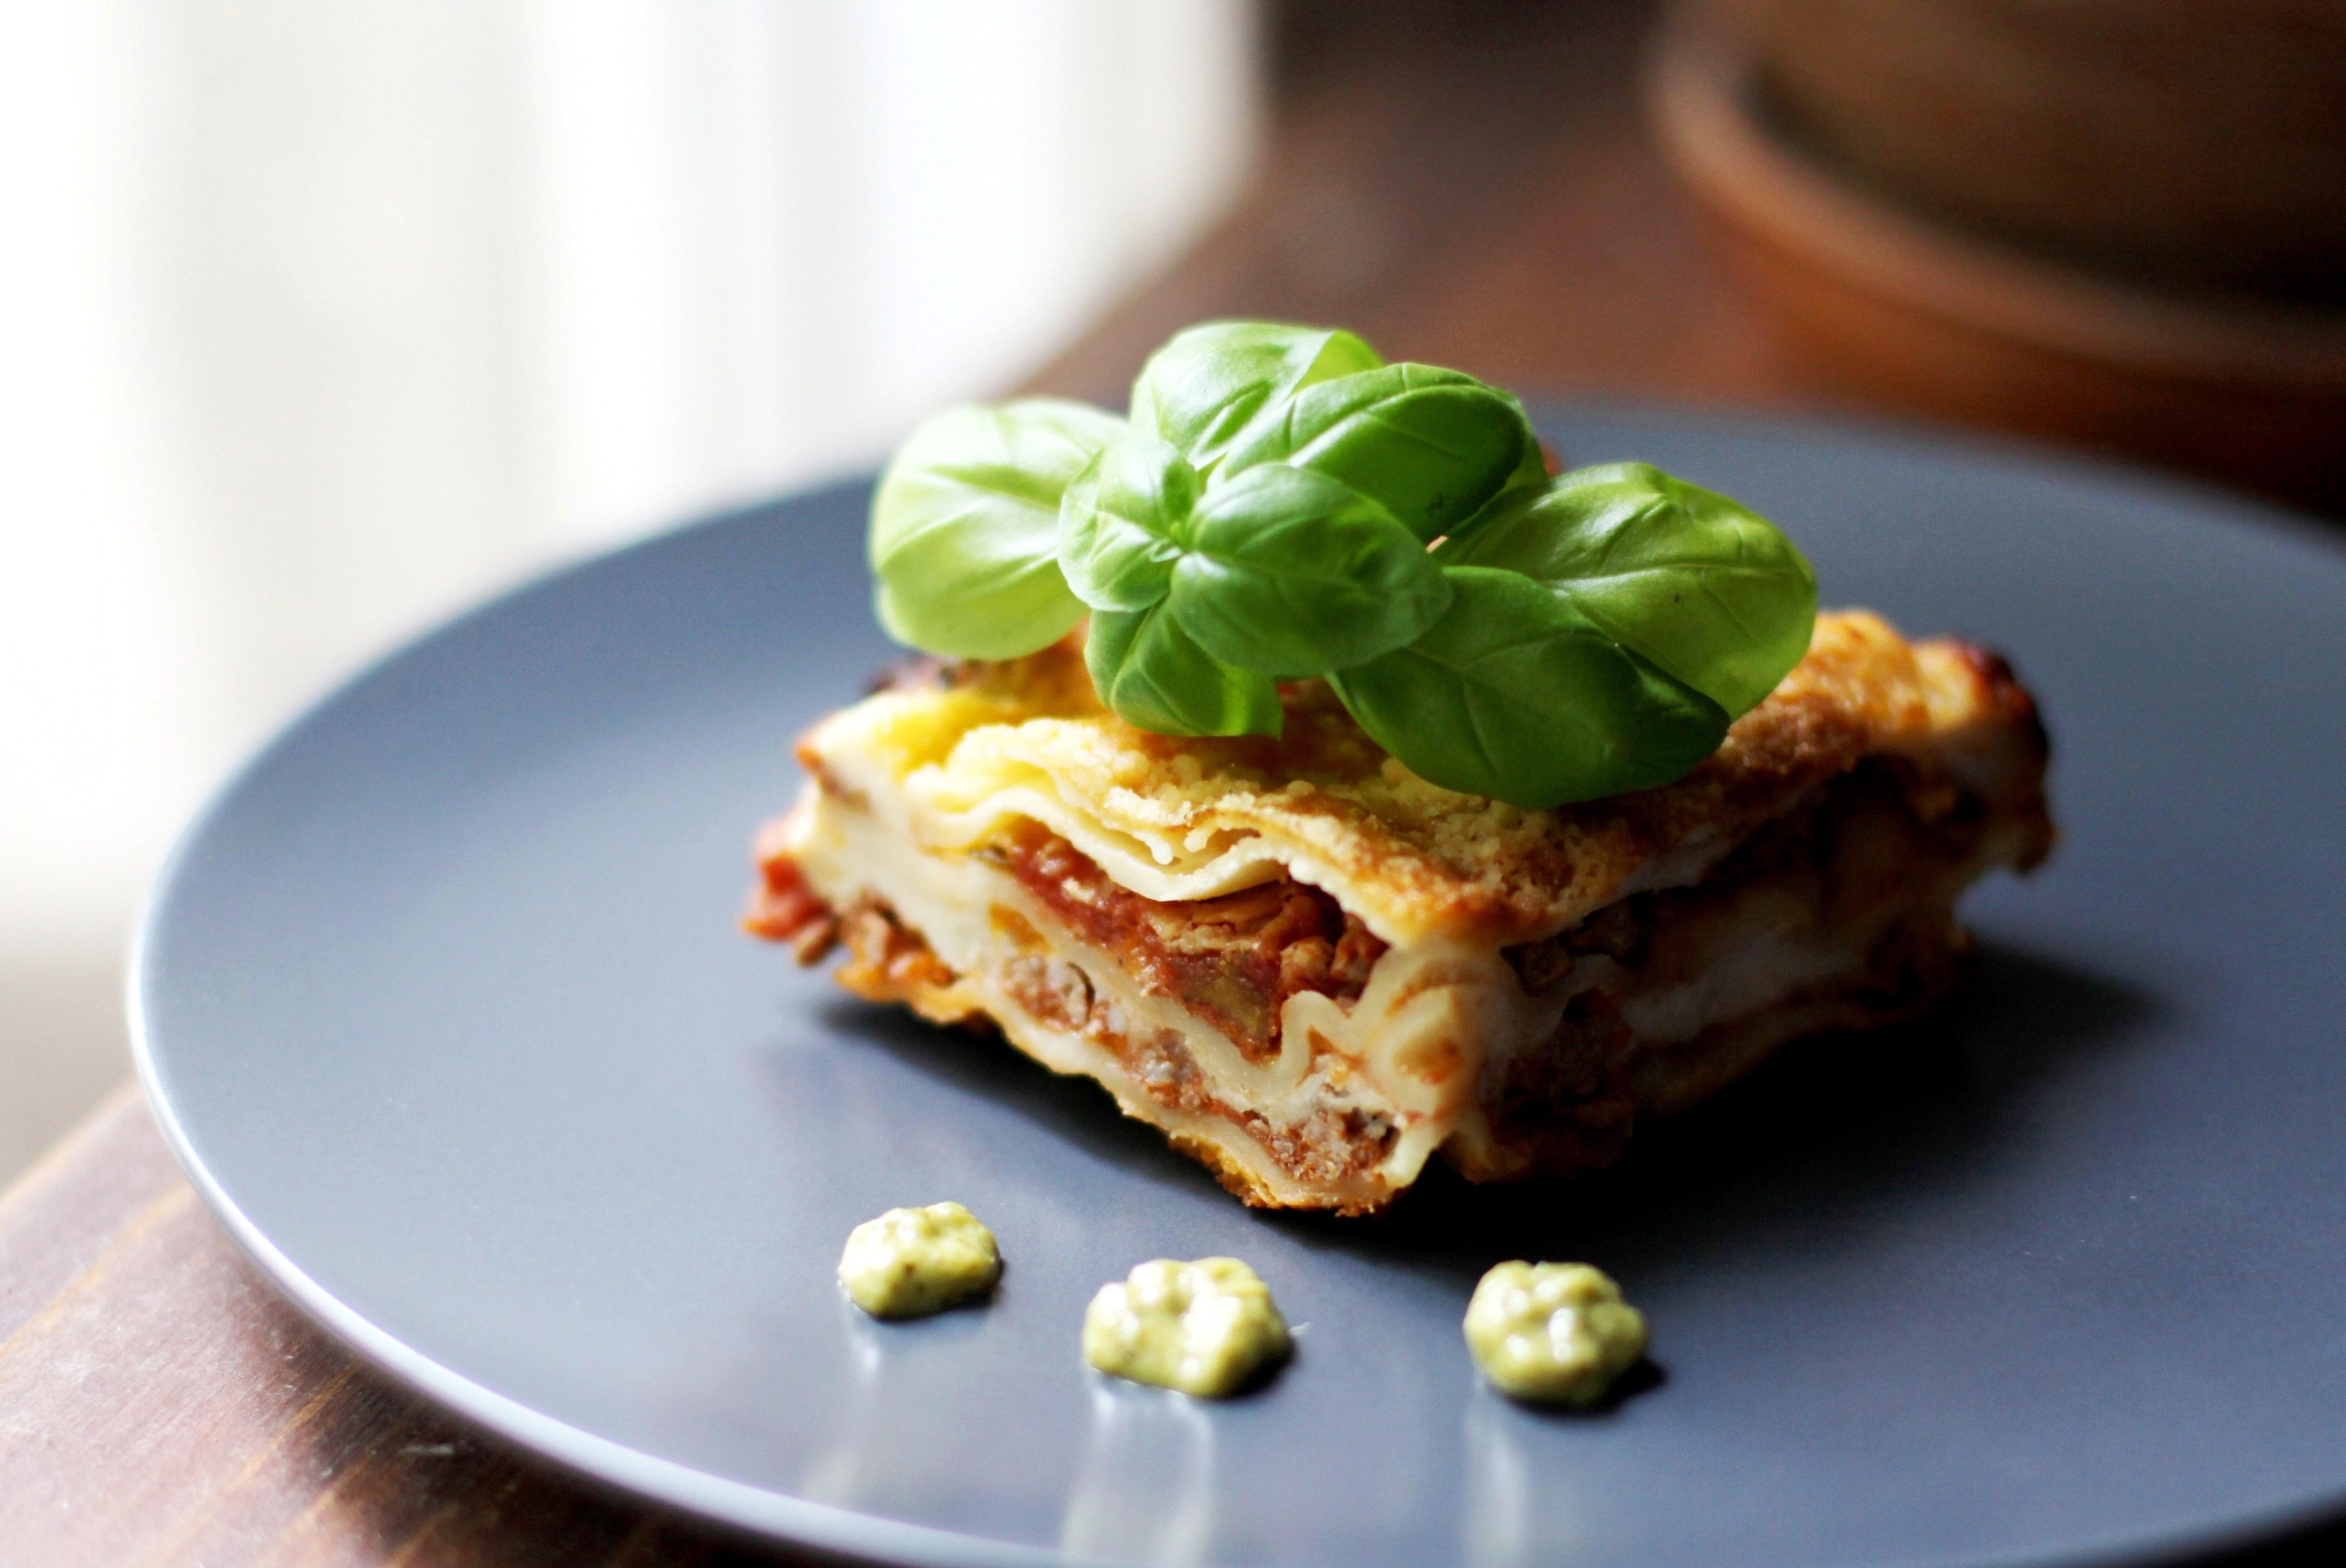 рецепты лазанья с фото пошагово